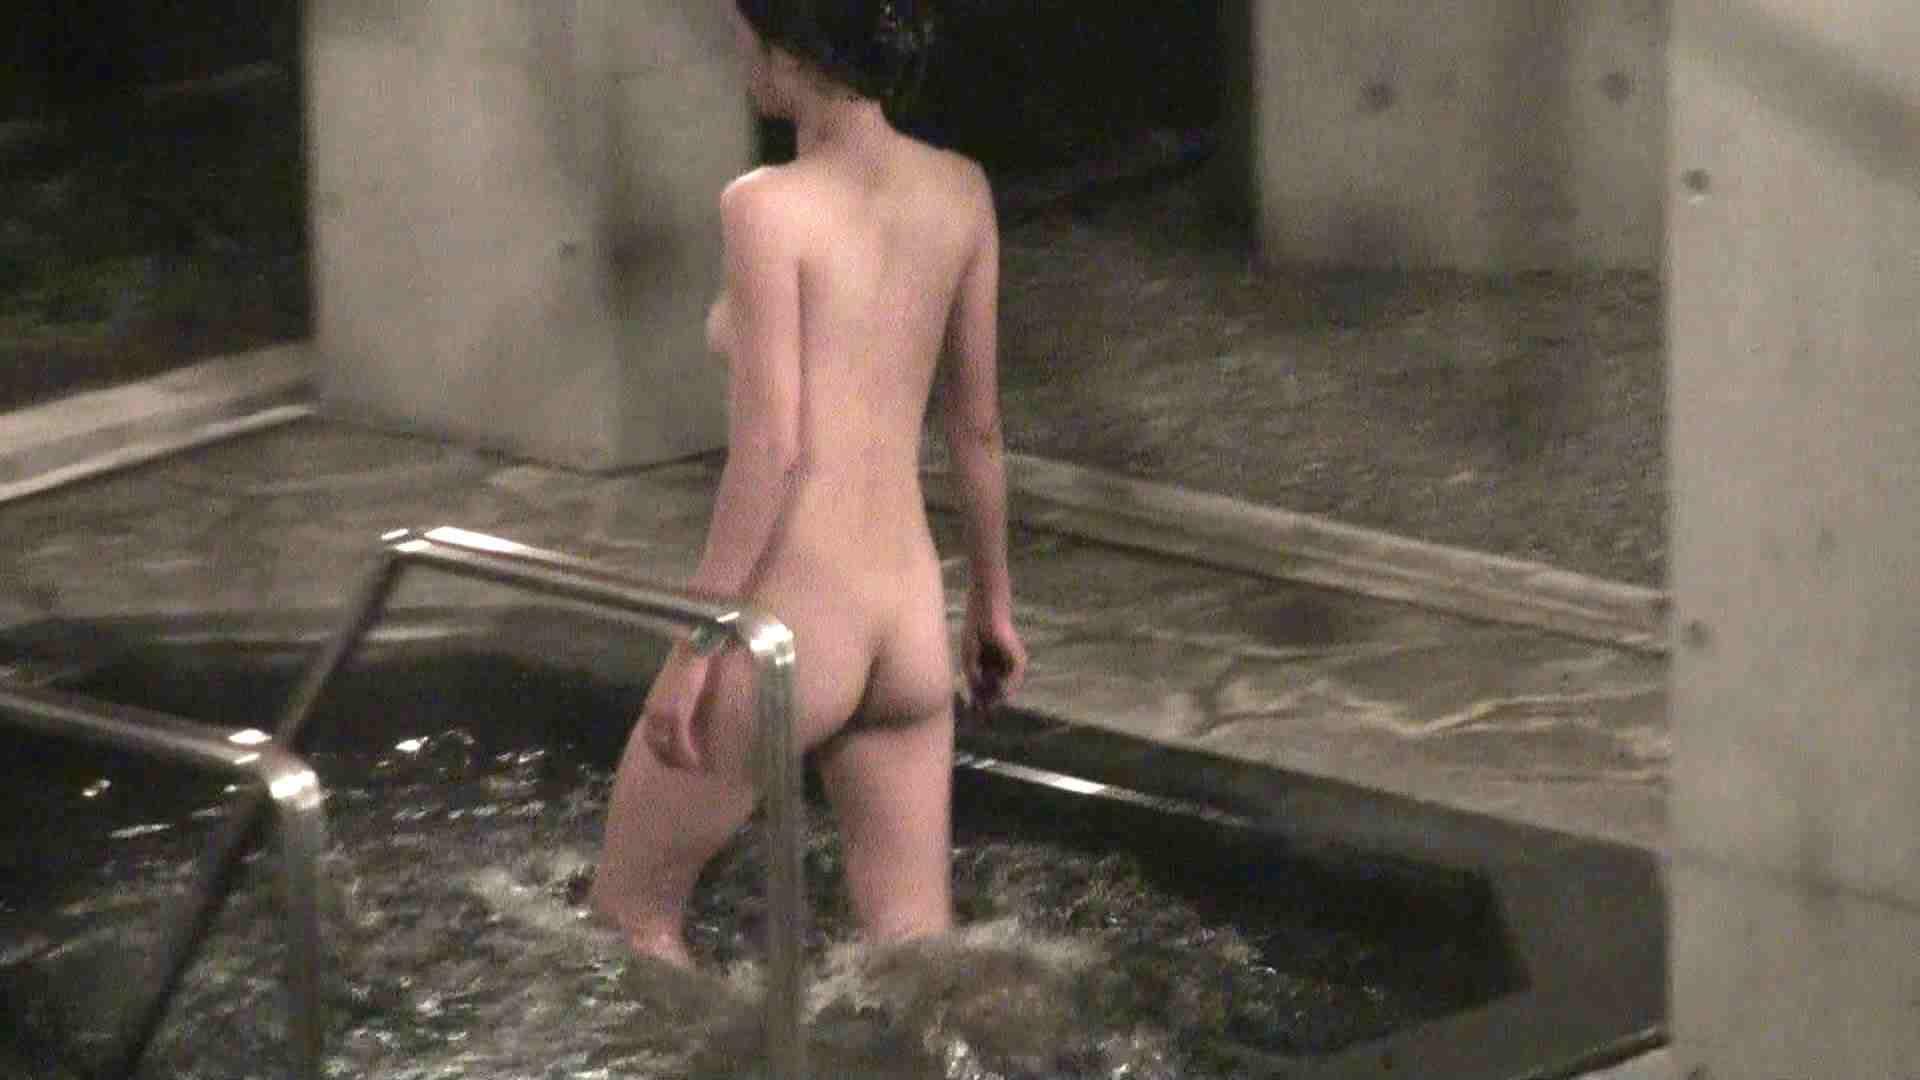 Aquaな露天風呂Vol.318 美しいOLの裸体   盗撮師作品  105pic 1